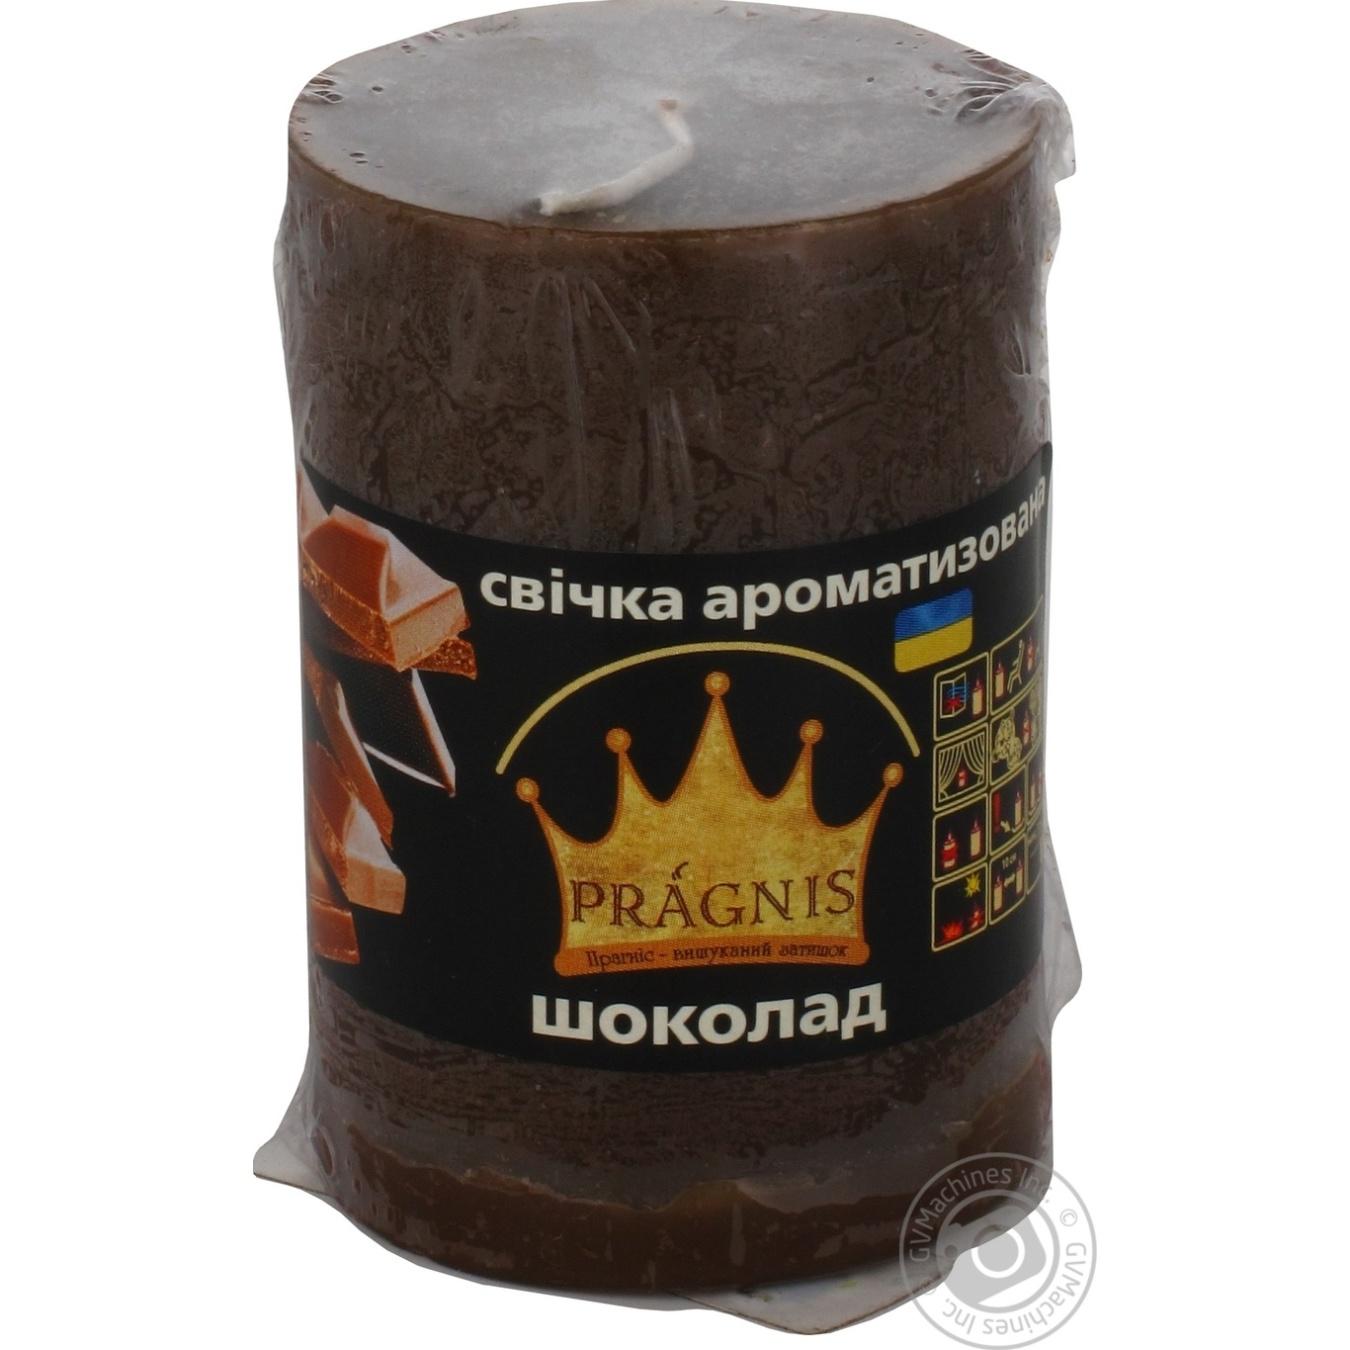 Купить Свеча Pragnis цилиндр шоколад 55х8см